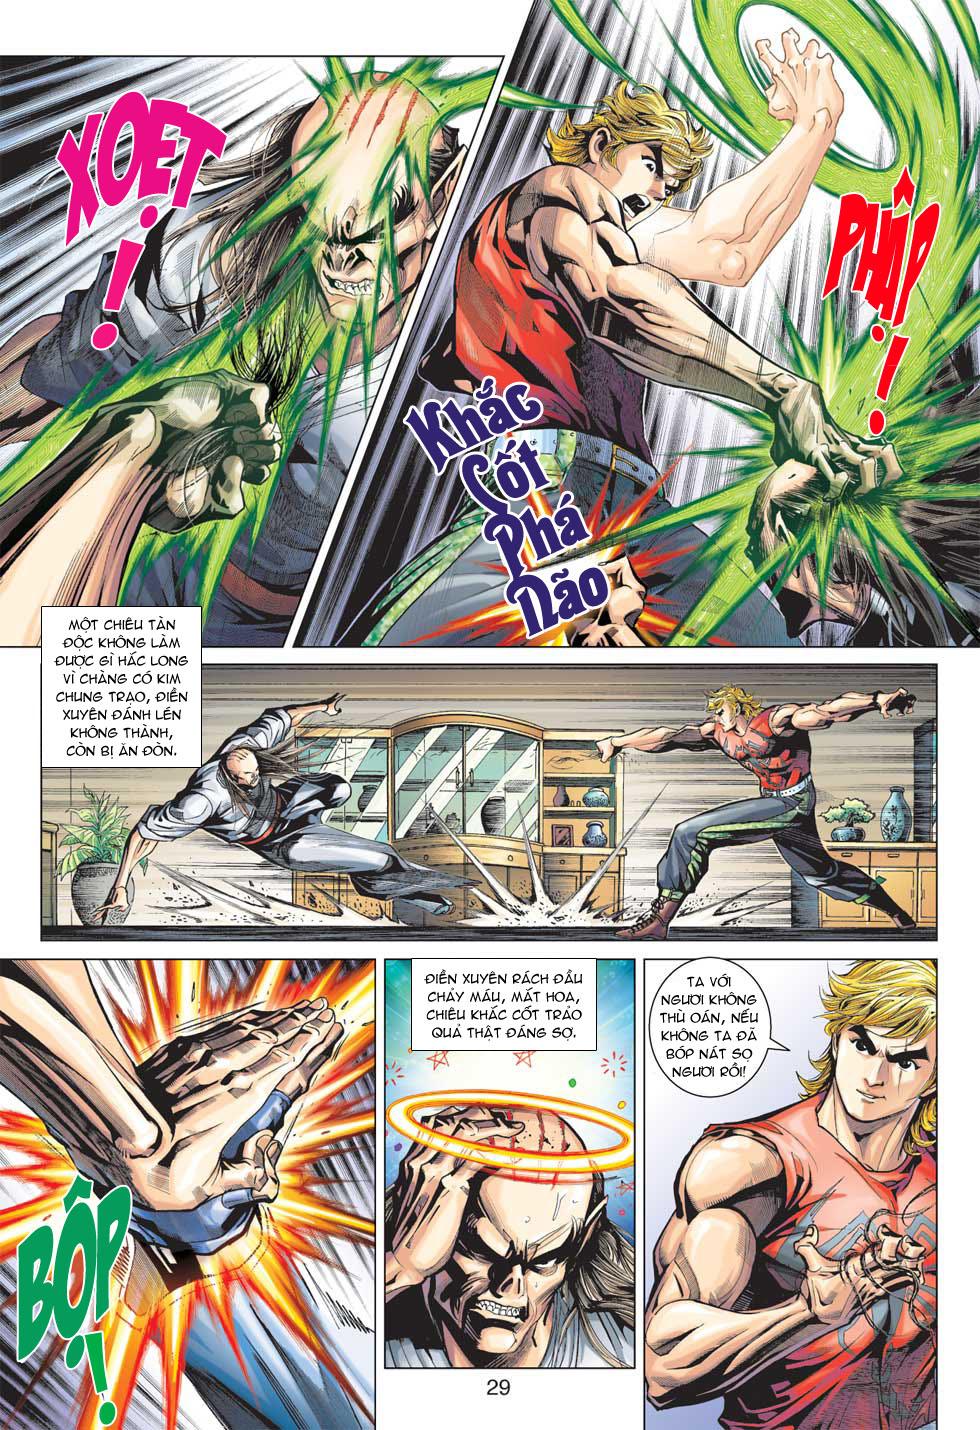 Tân Tác Long Hổ Môn trang 29